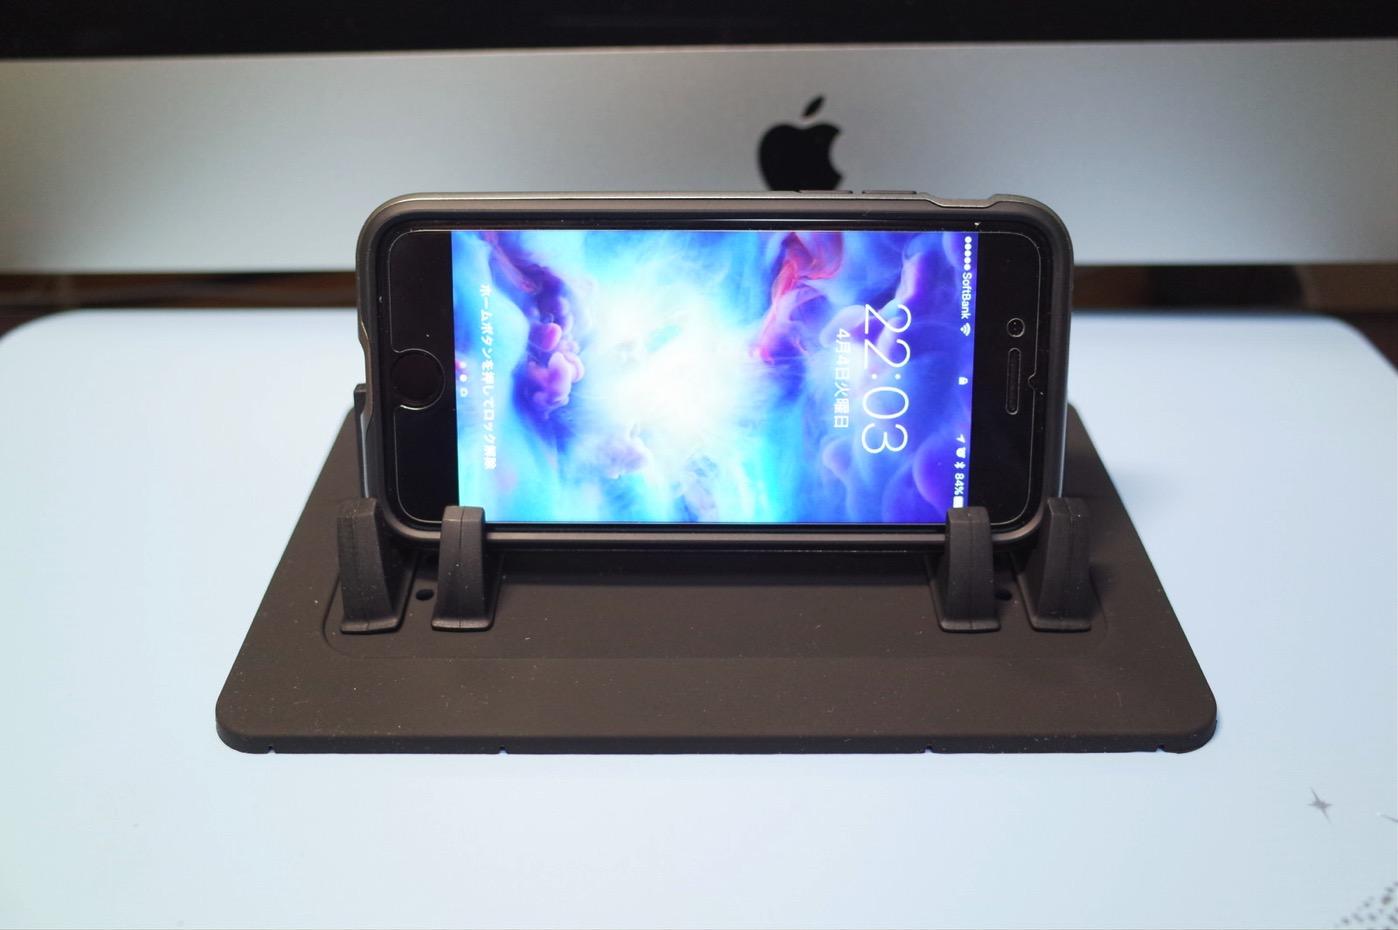 EReachシリコンスマートフォン・携帯車載GPSホルダー ダッシュボード iPhone&Android スタンド (黒)-13